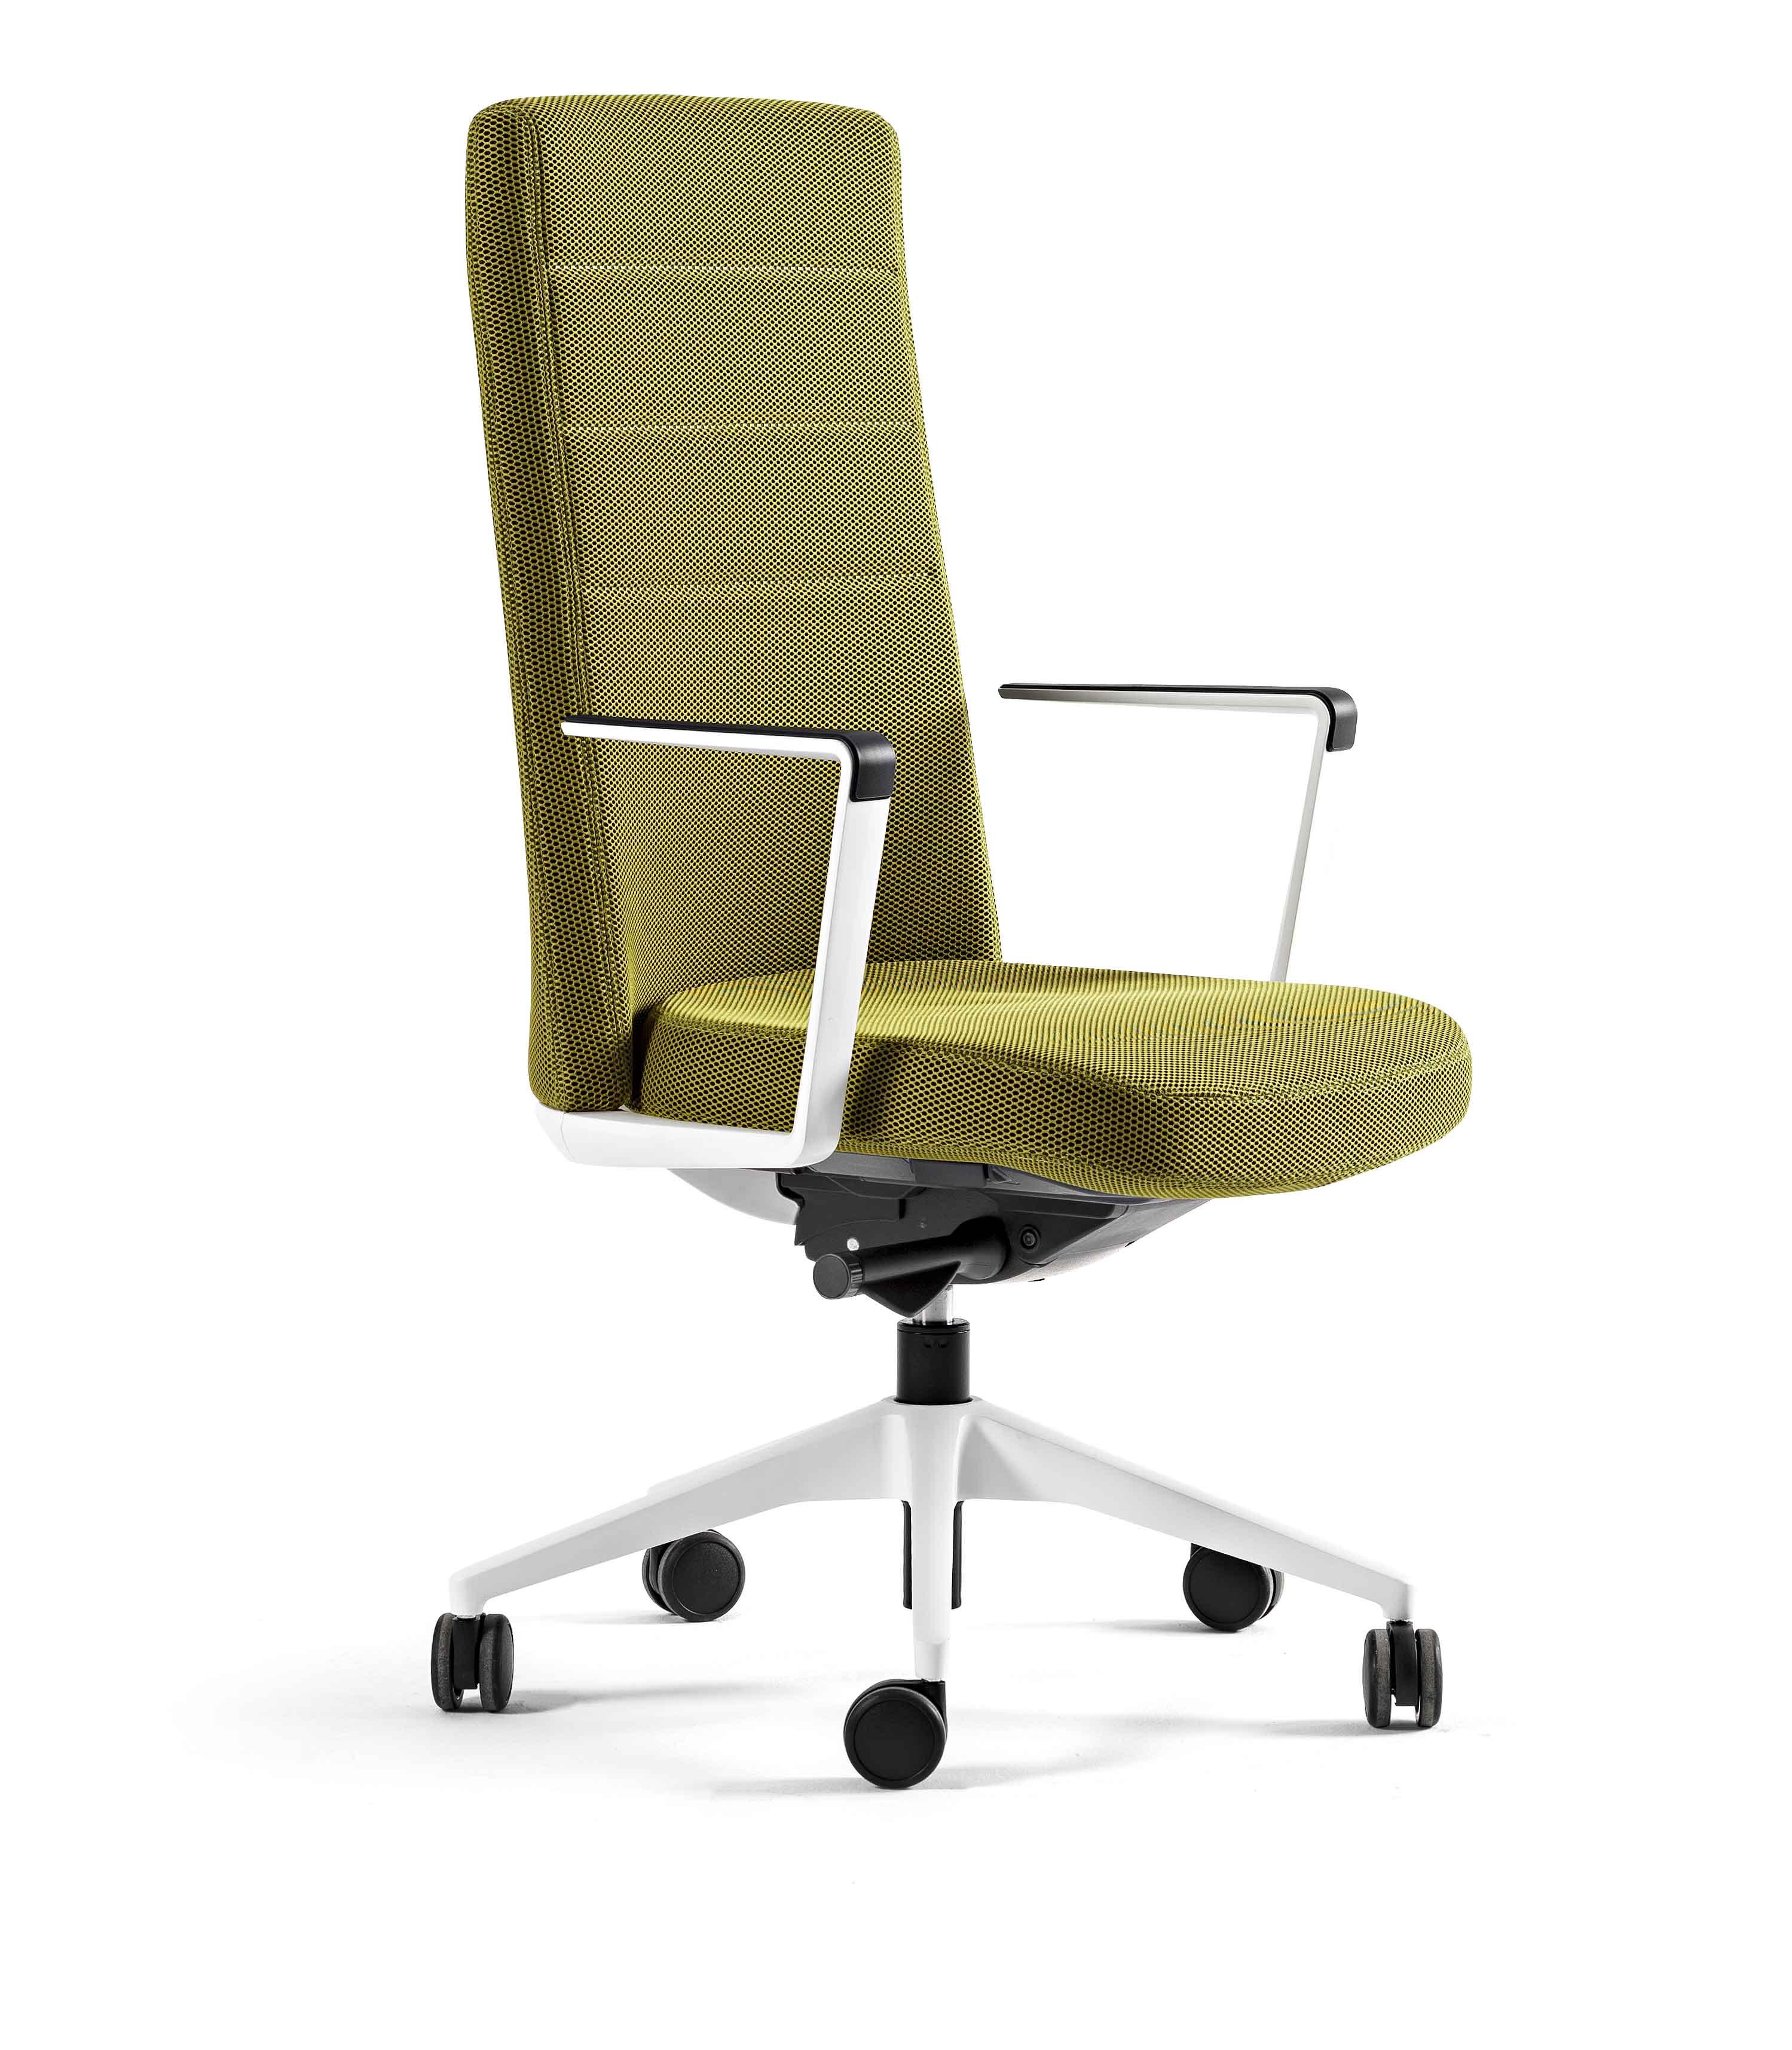 Sillas de despacho cron muebles de oficina spacio for Sillas de despacho ikea